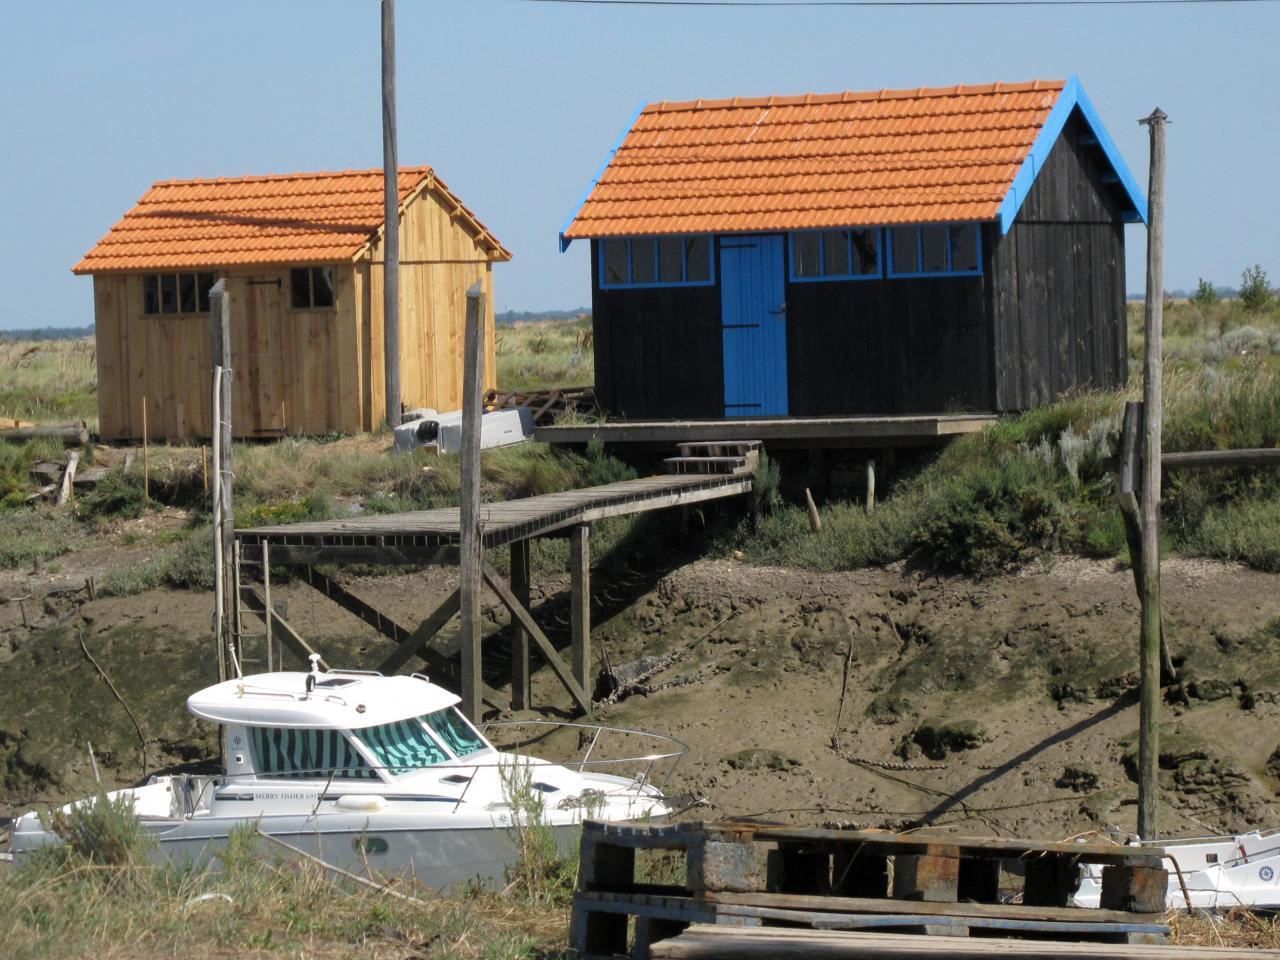 Bleu comme ... Les cabanes ostréicoles (La Tremblade)